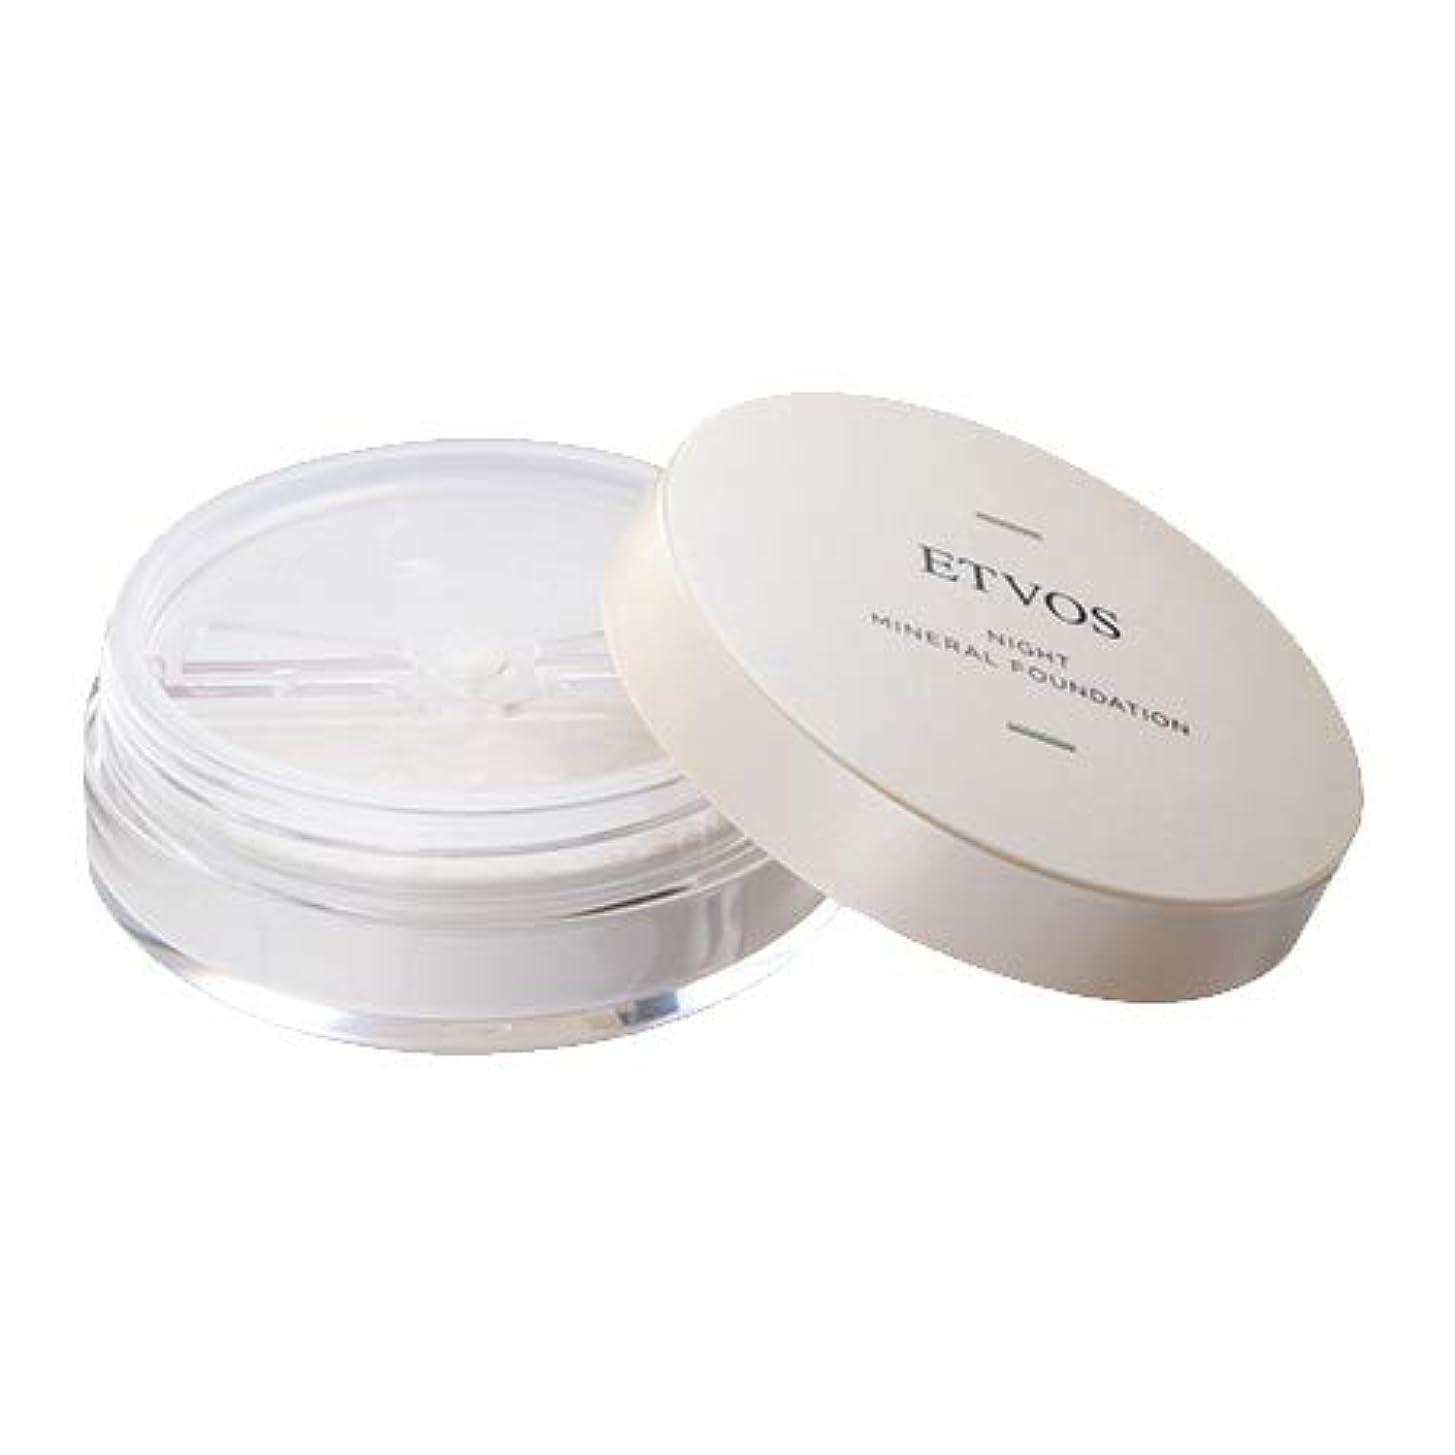 リスト増幅雇うETVOS(エトヴォス) 夜用化粧下地 ナイトミネラルファンデーション 5g フェイスパウダー 皮脂吸着/崩れ防止